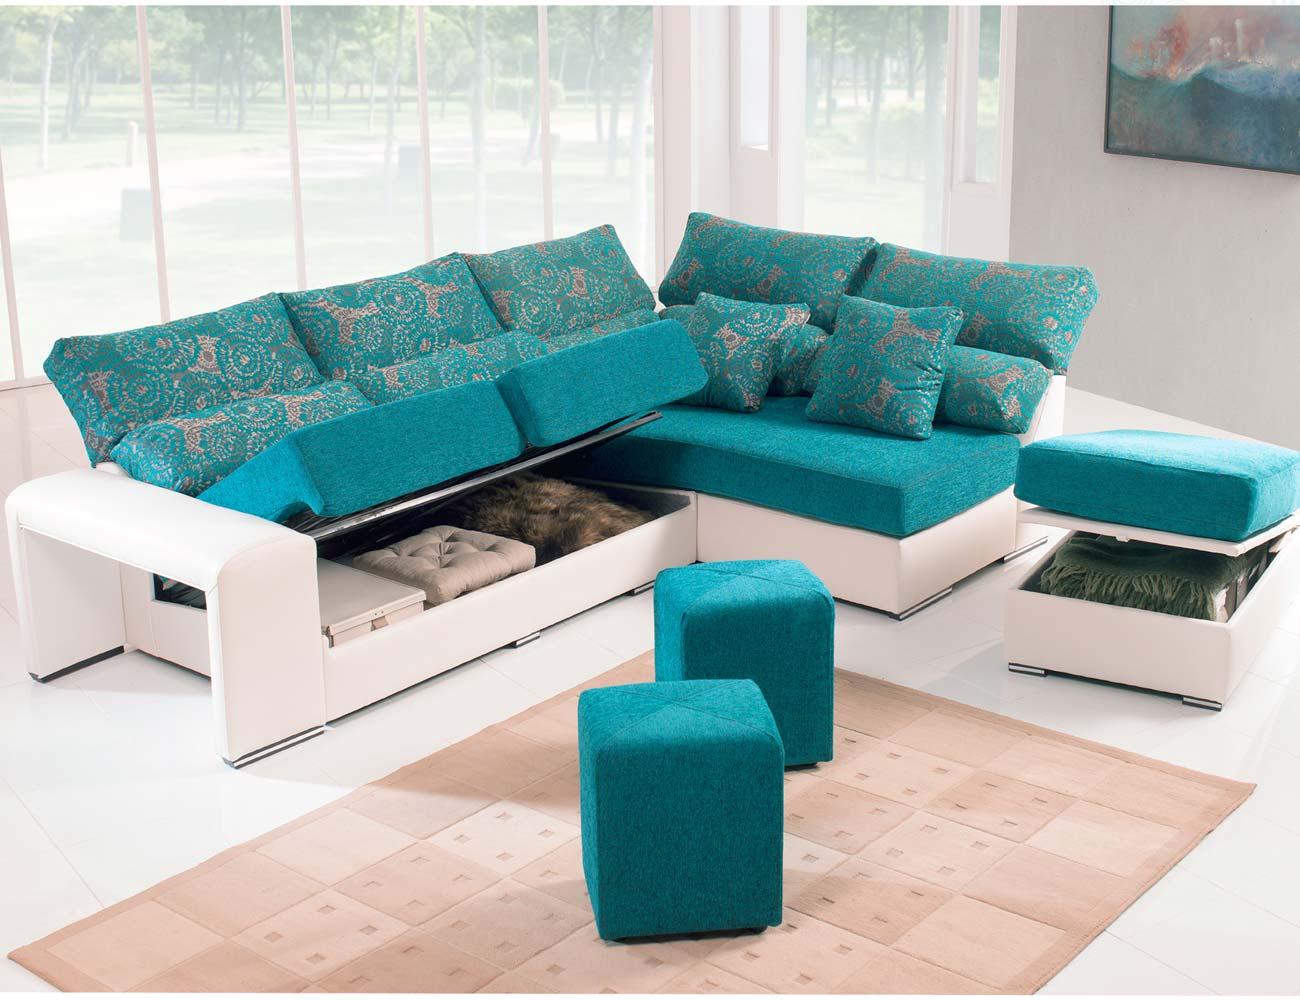 Sofa chaiselongue rincon puff arcon taburete23